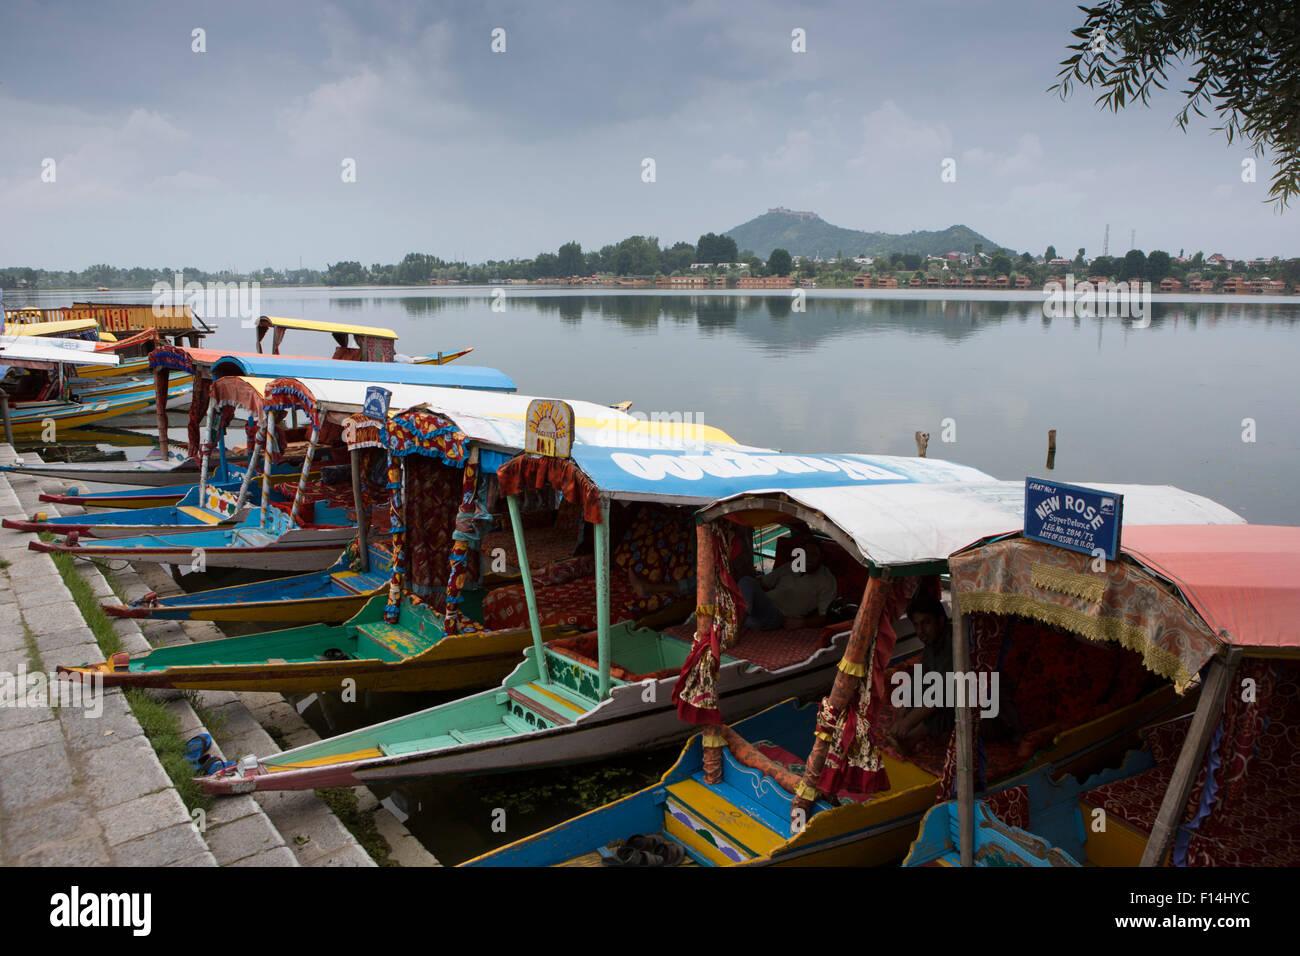 India Jammu Kashmir Srinagar Nishat Lake Shikaras At